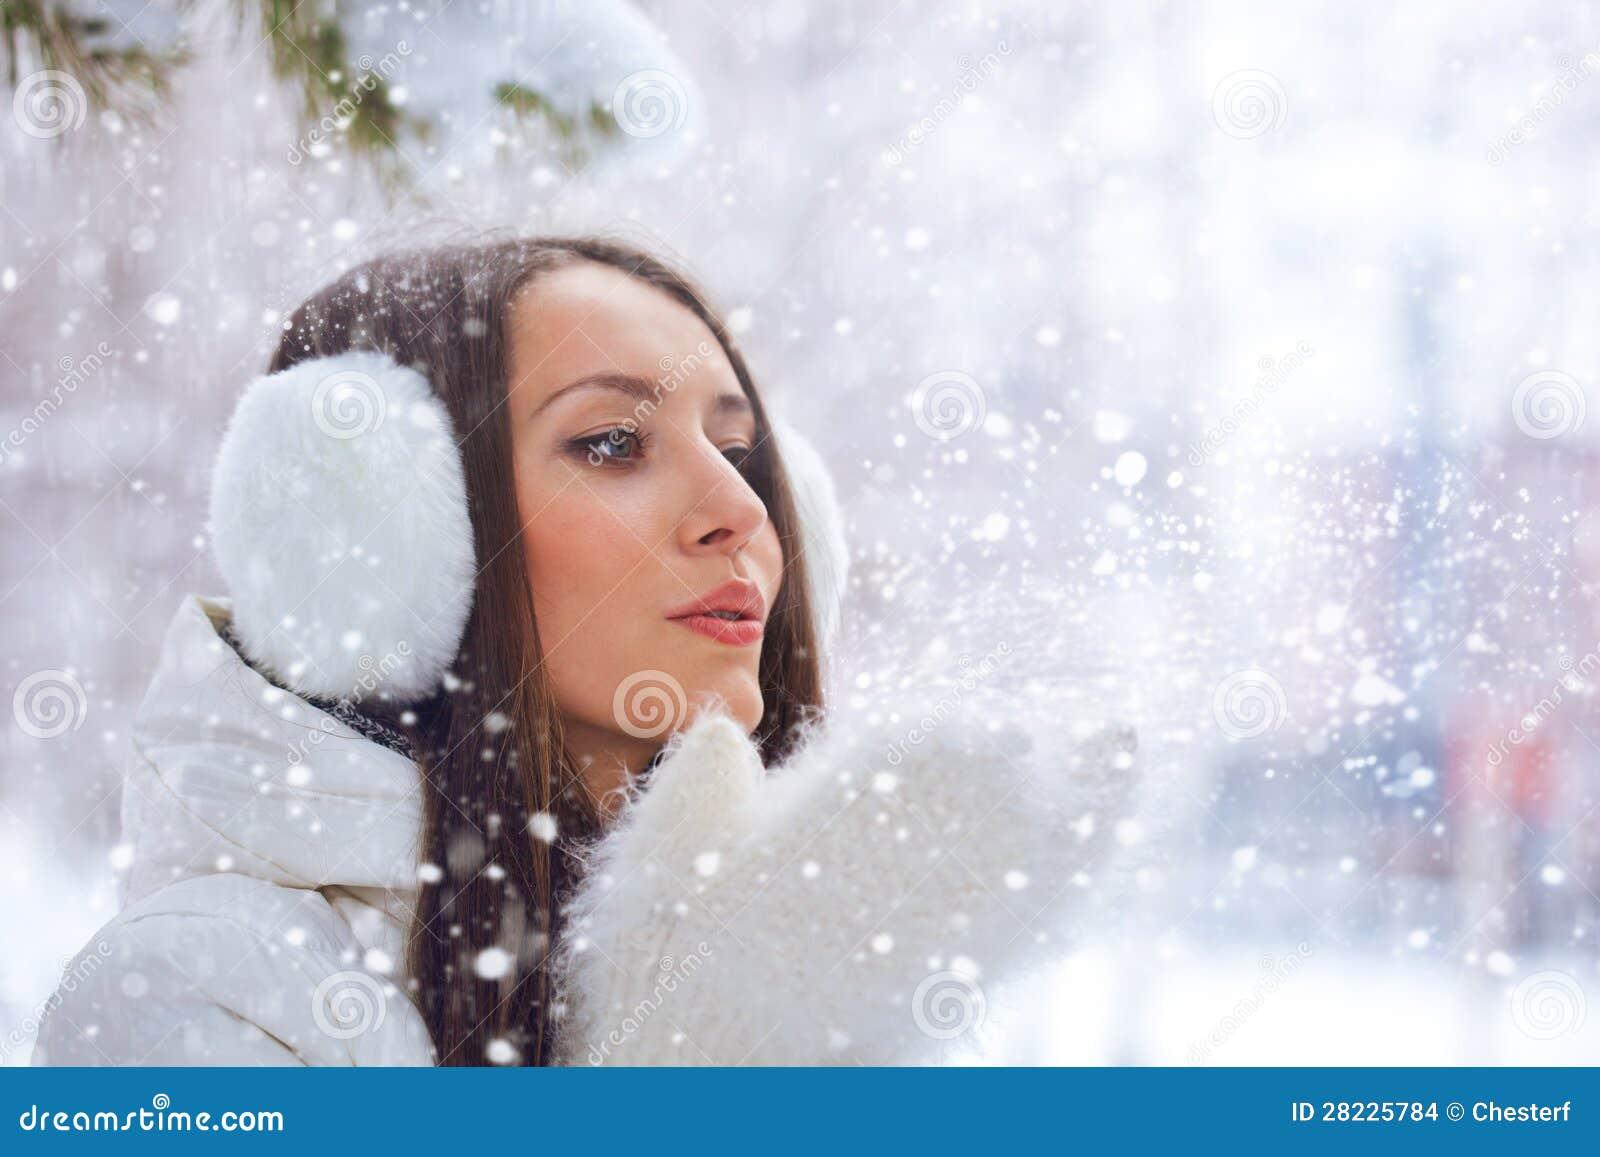 Фото девушка под снегом